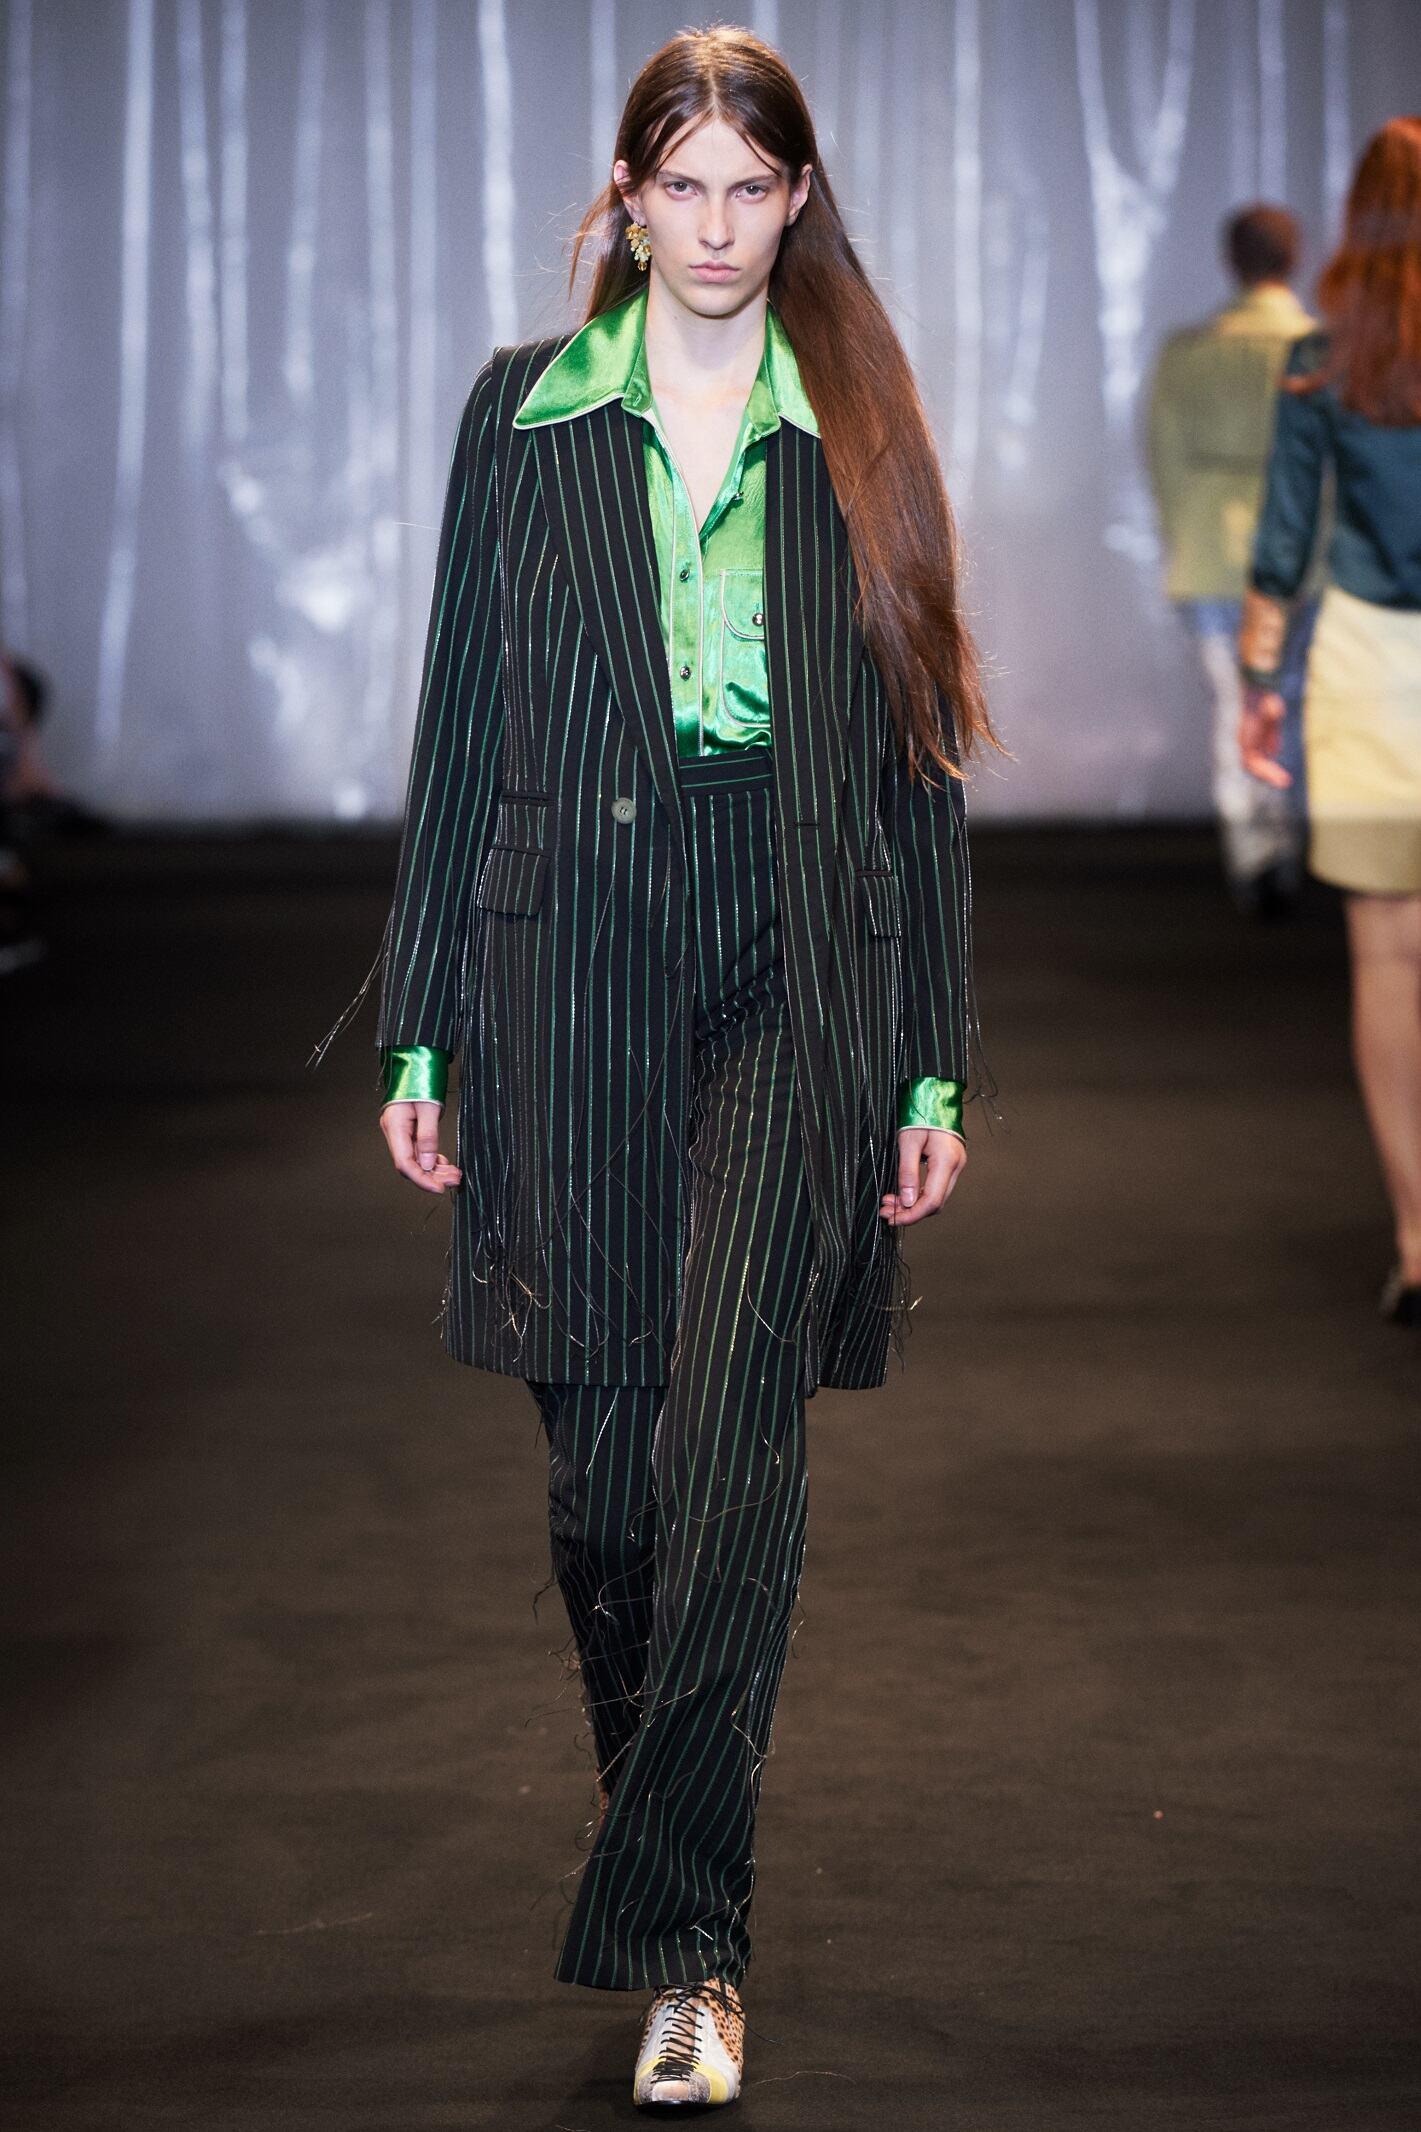 Fashion Model Acne Studios Catwalk